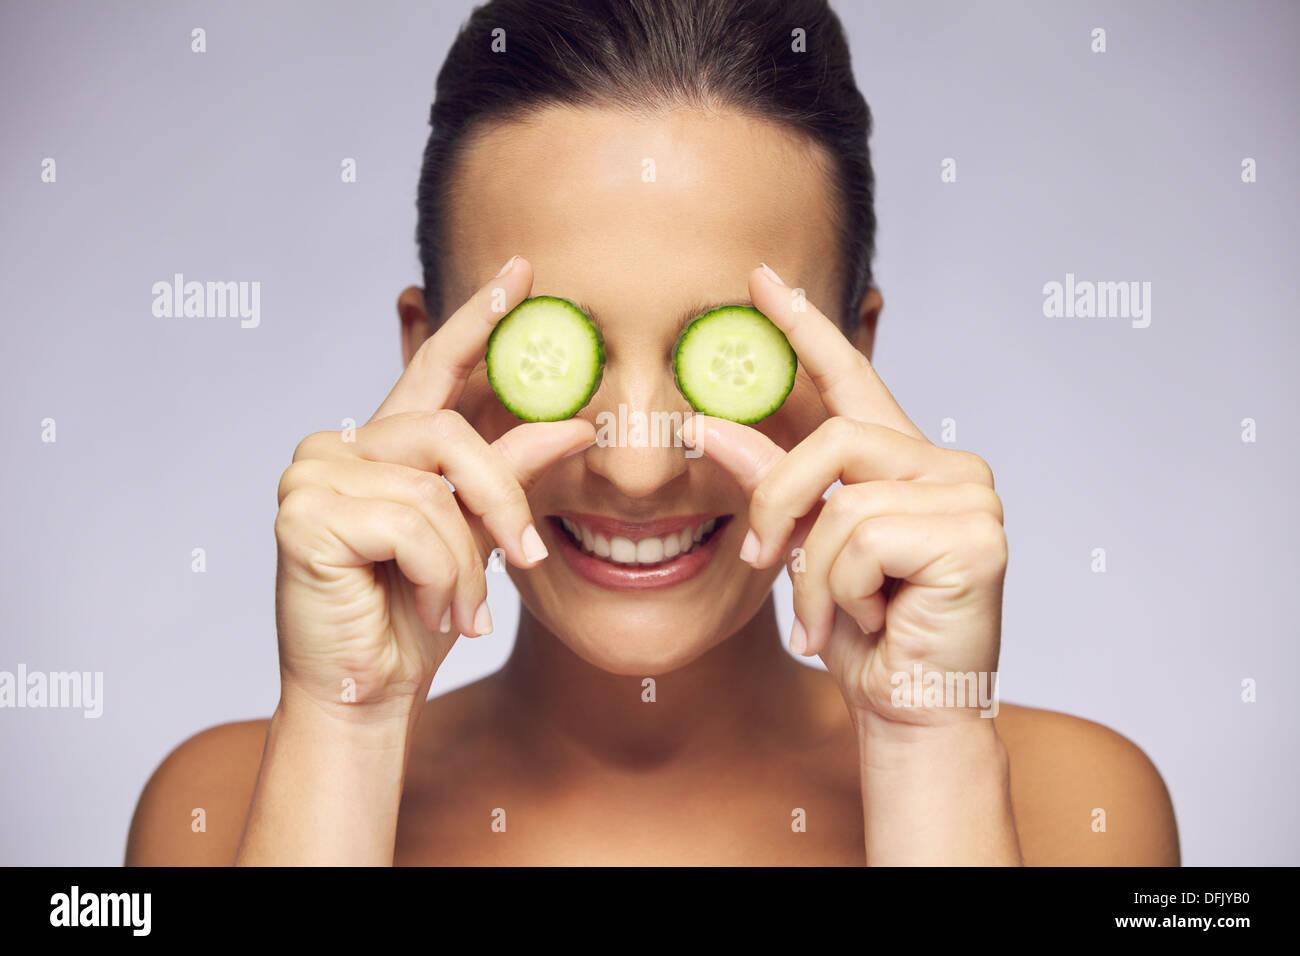 Hermosa y sonriente joven mujer sosteniendo la rebanada de pepino en frente de los ojos sobre fondo gris. Concepto de cuidado de los ojos Imagen De Stock